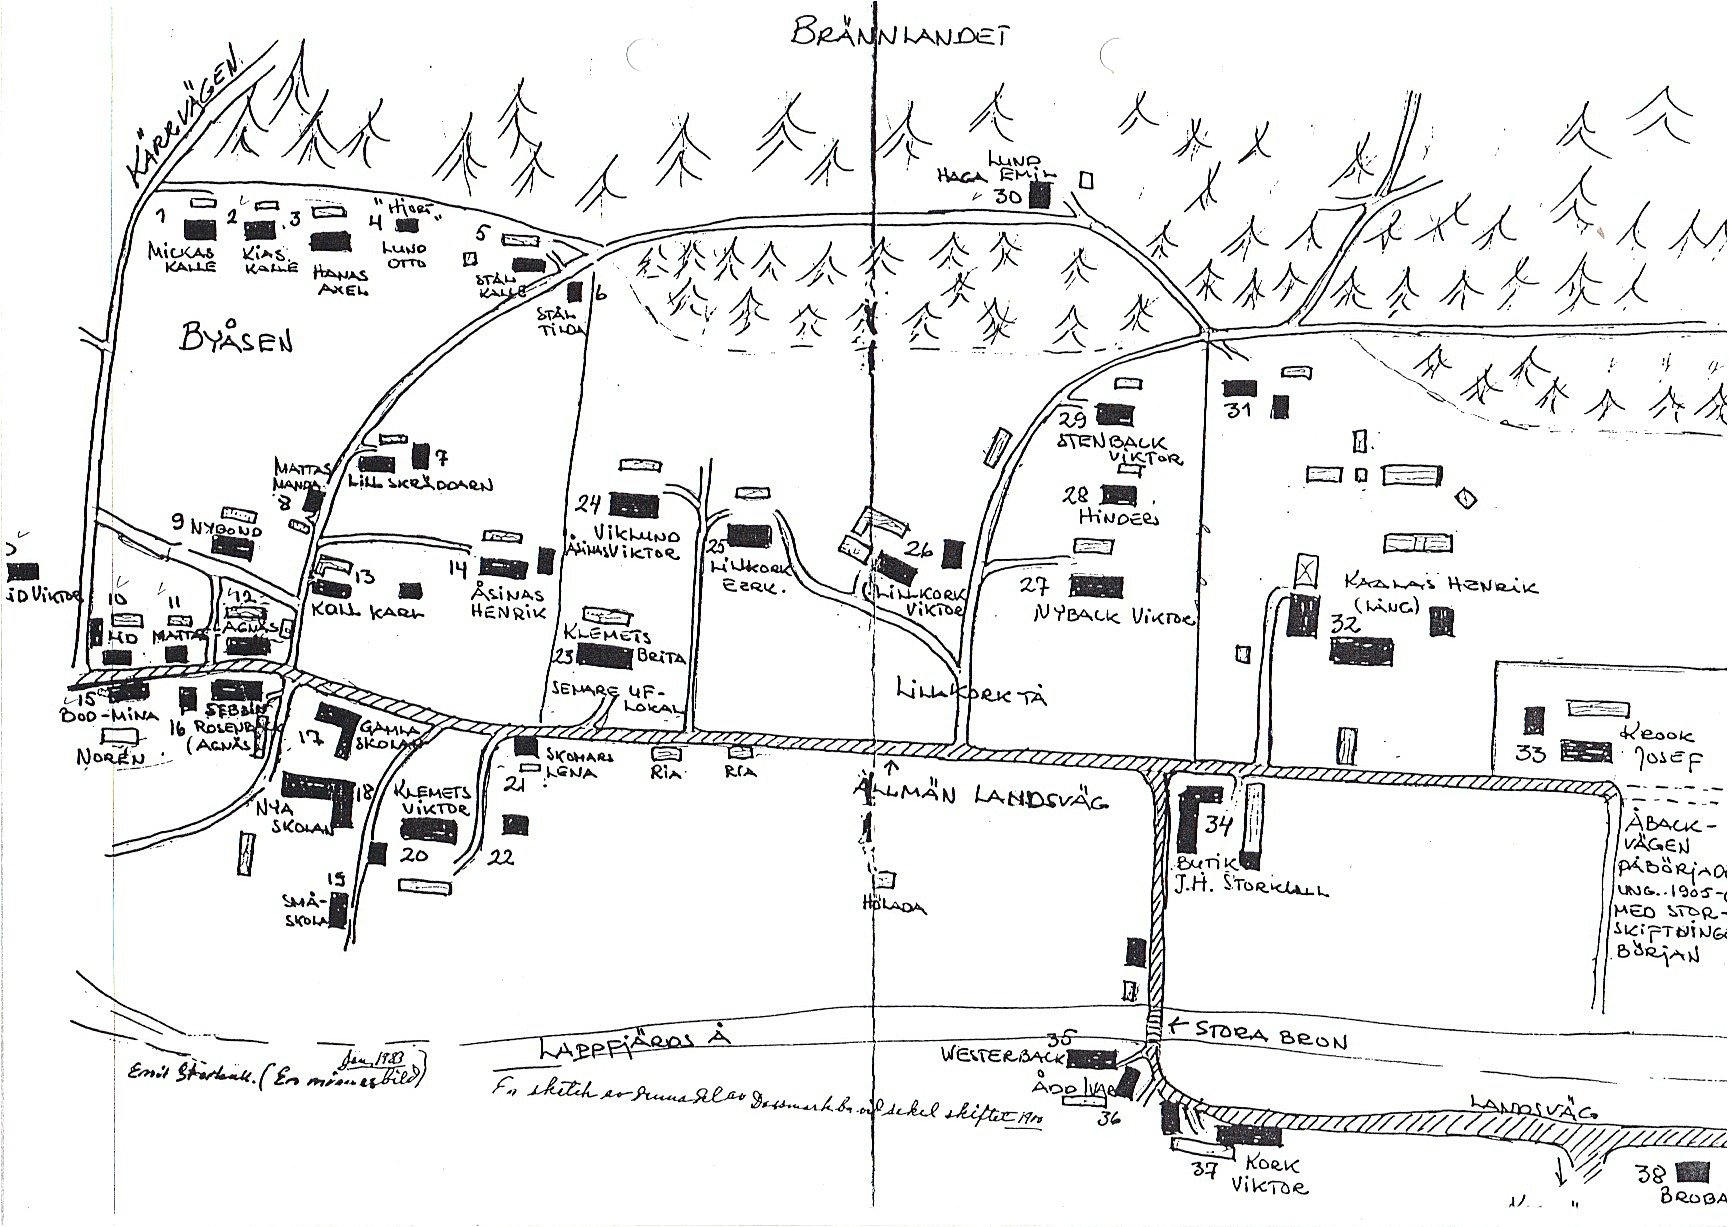 Emil Storkulls karta från 1983, föreställande Dagsmark år 1900.